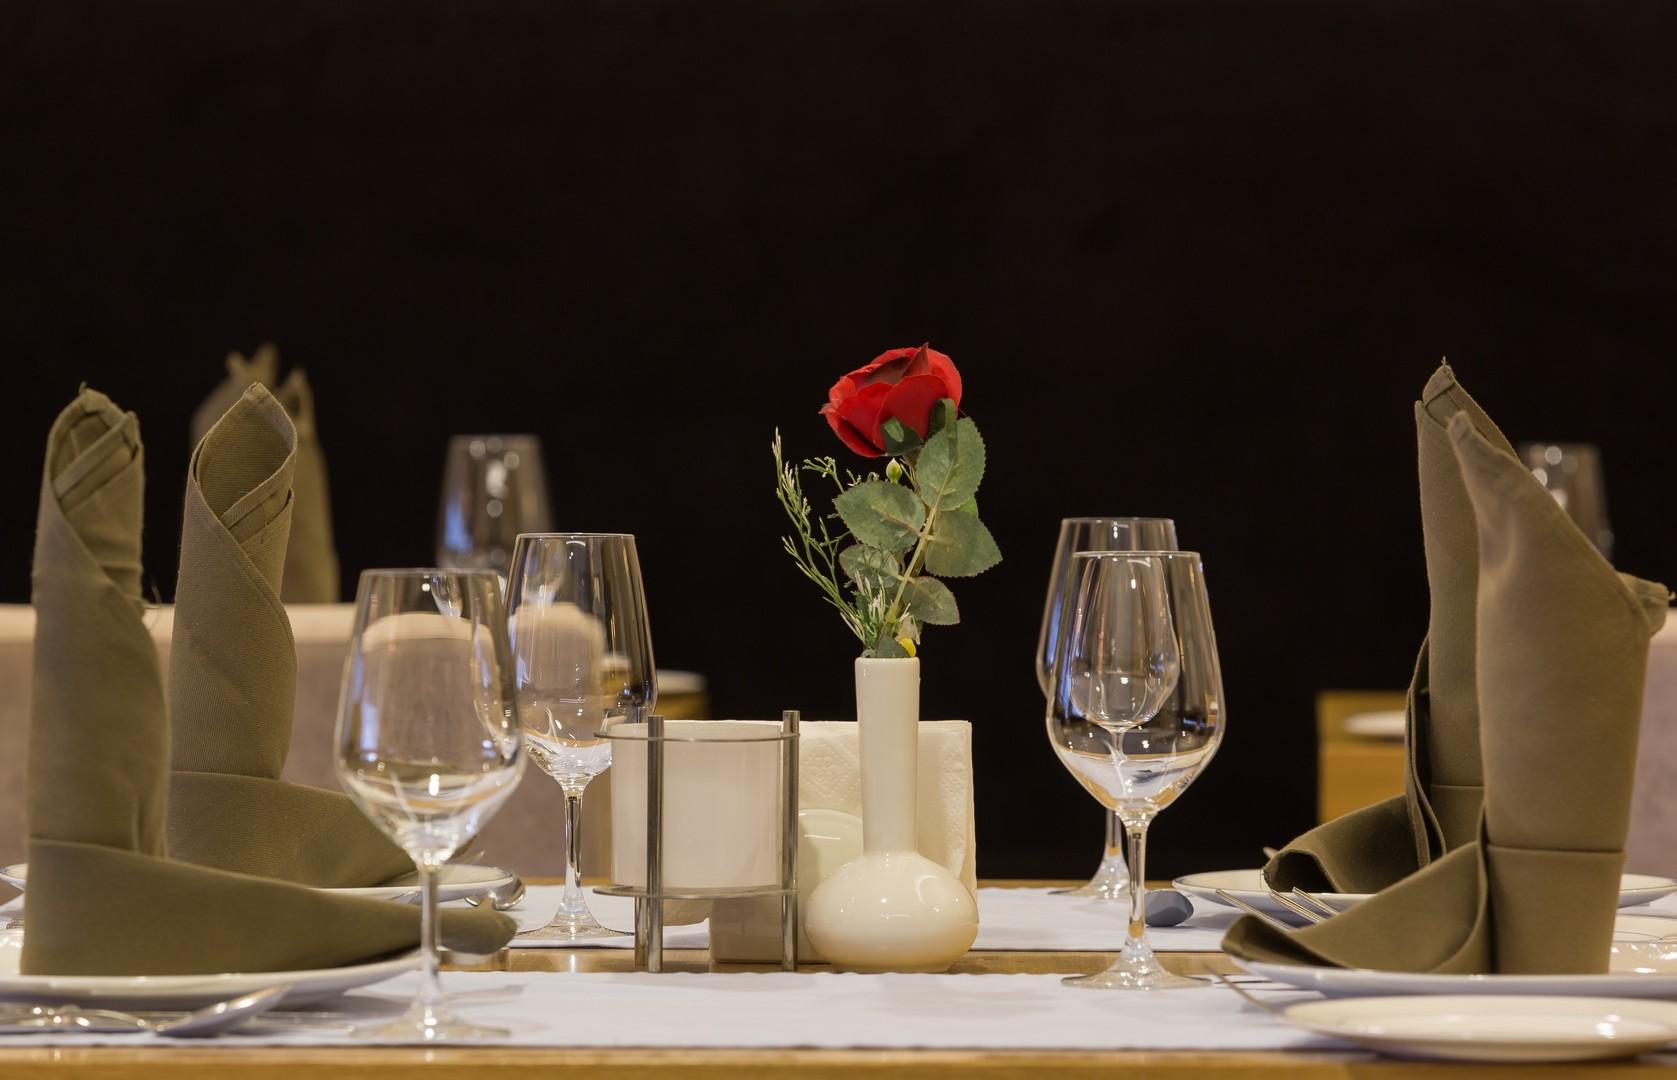 Lagos A'La Carte Restaurant (Deniz Ürünleri Mutfağı)